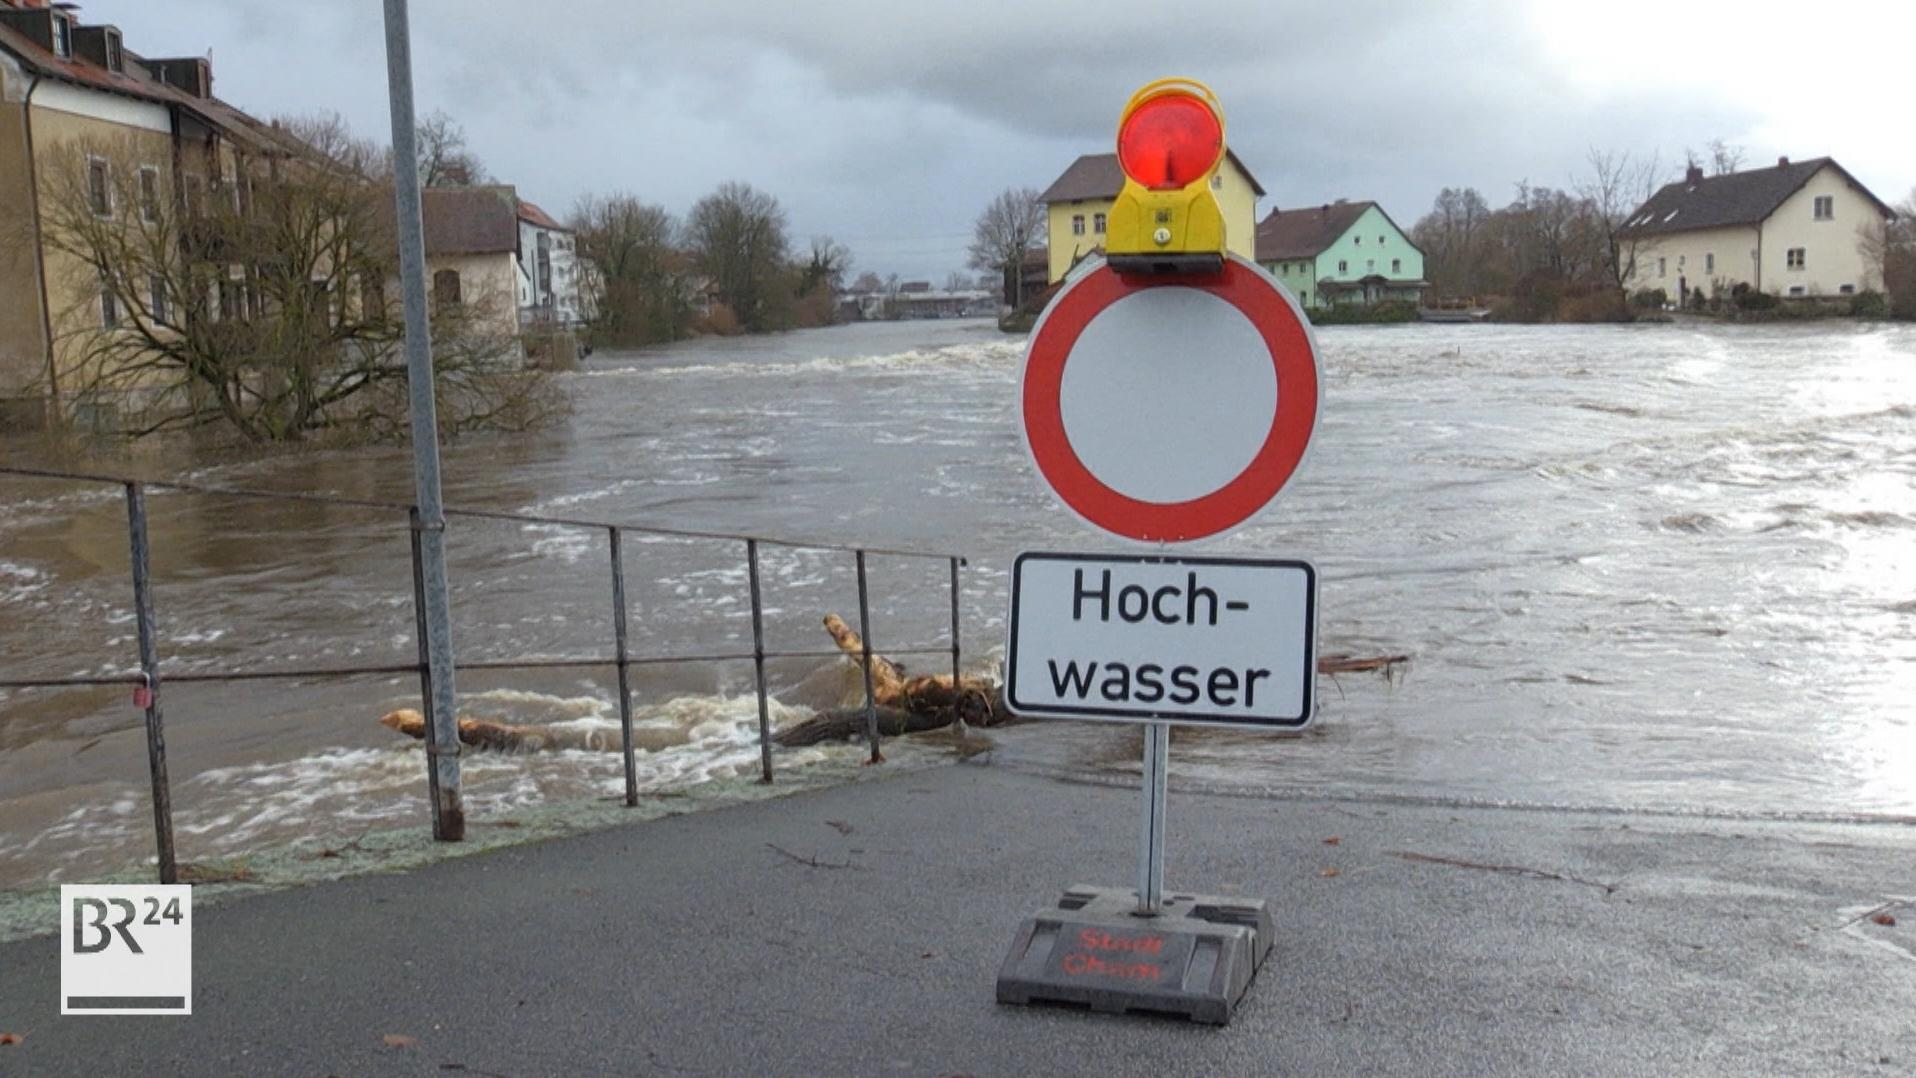 Hochwasser am 24.12.2018 in Cham.